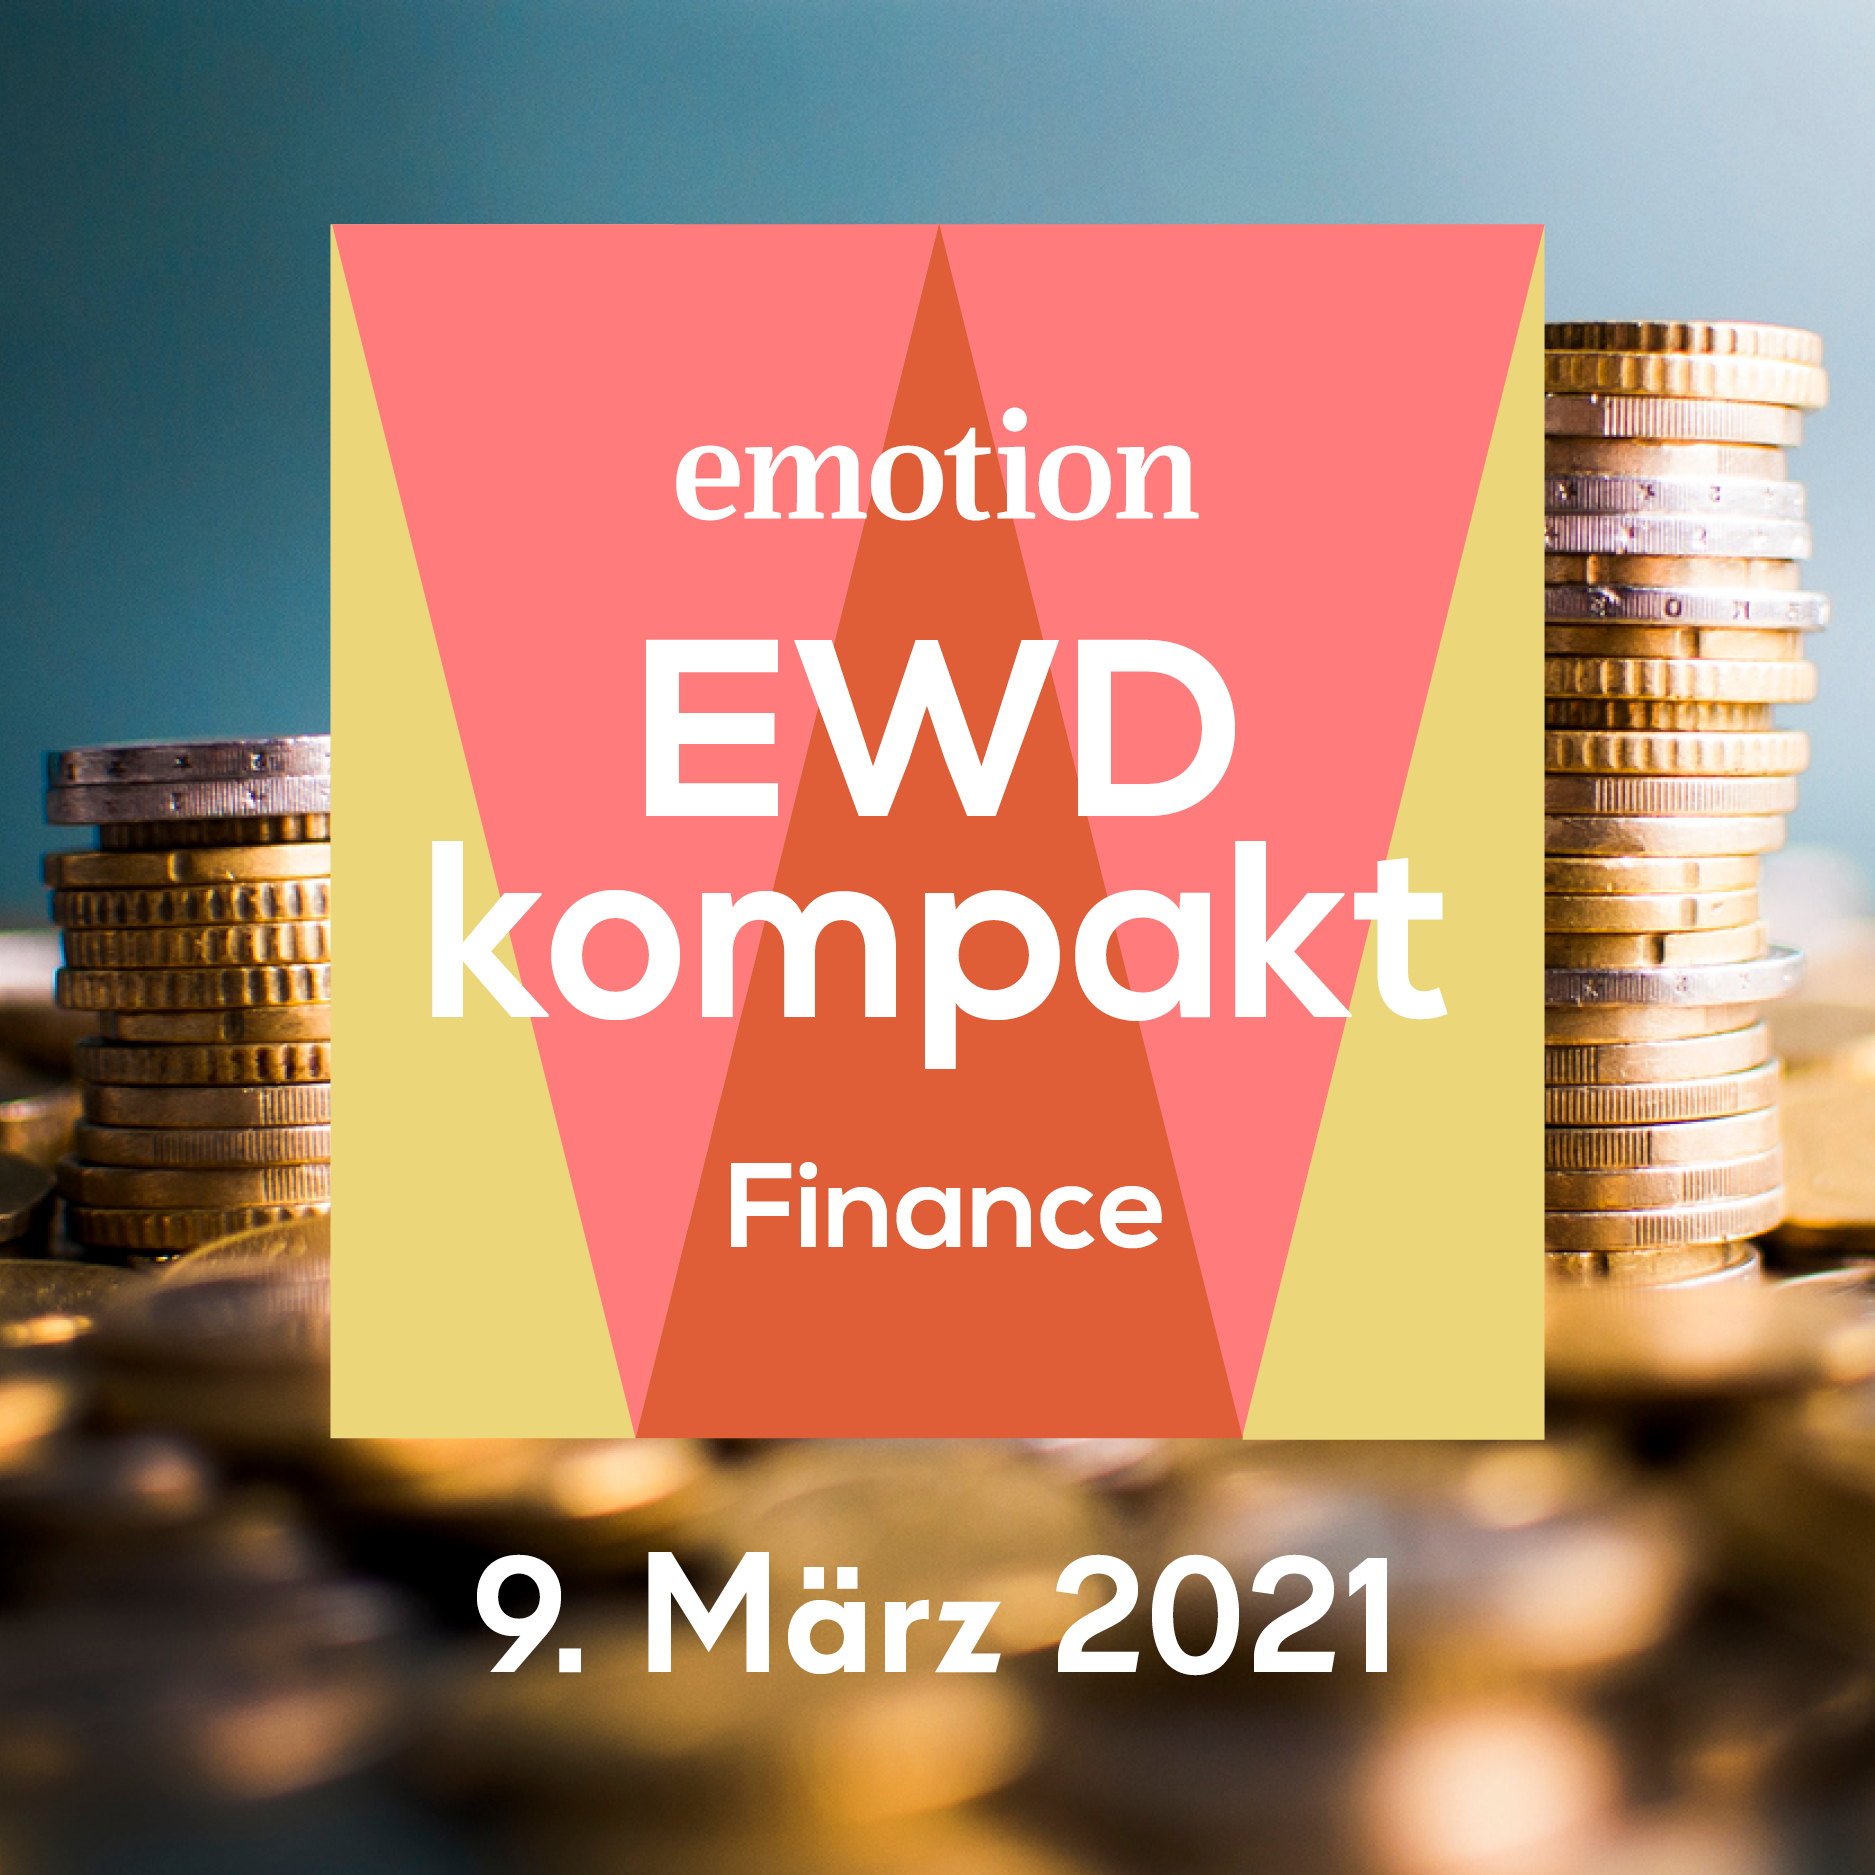 EWD kompakt: Alles zu Finanzen lernen